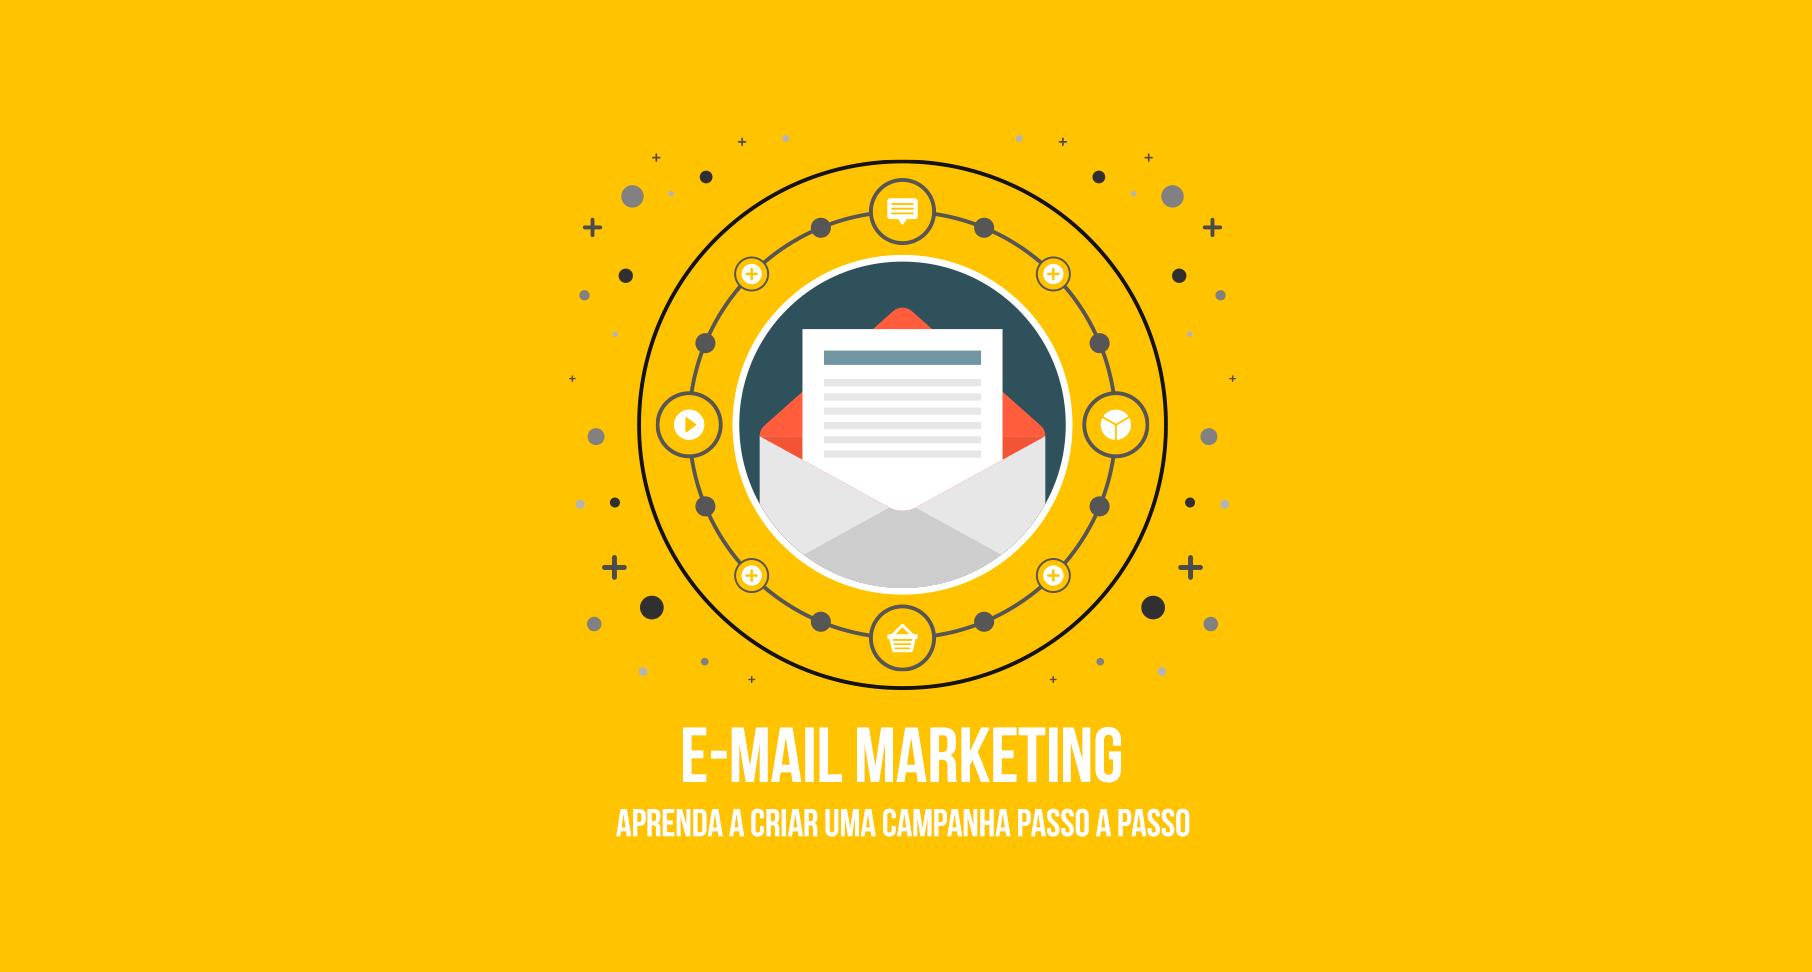 Aprenda a criar uma campanha de e-mail marketing passo a passo